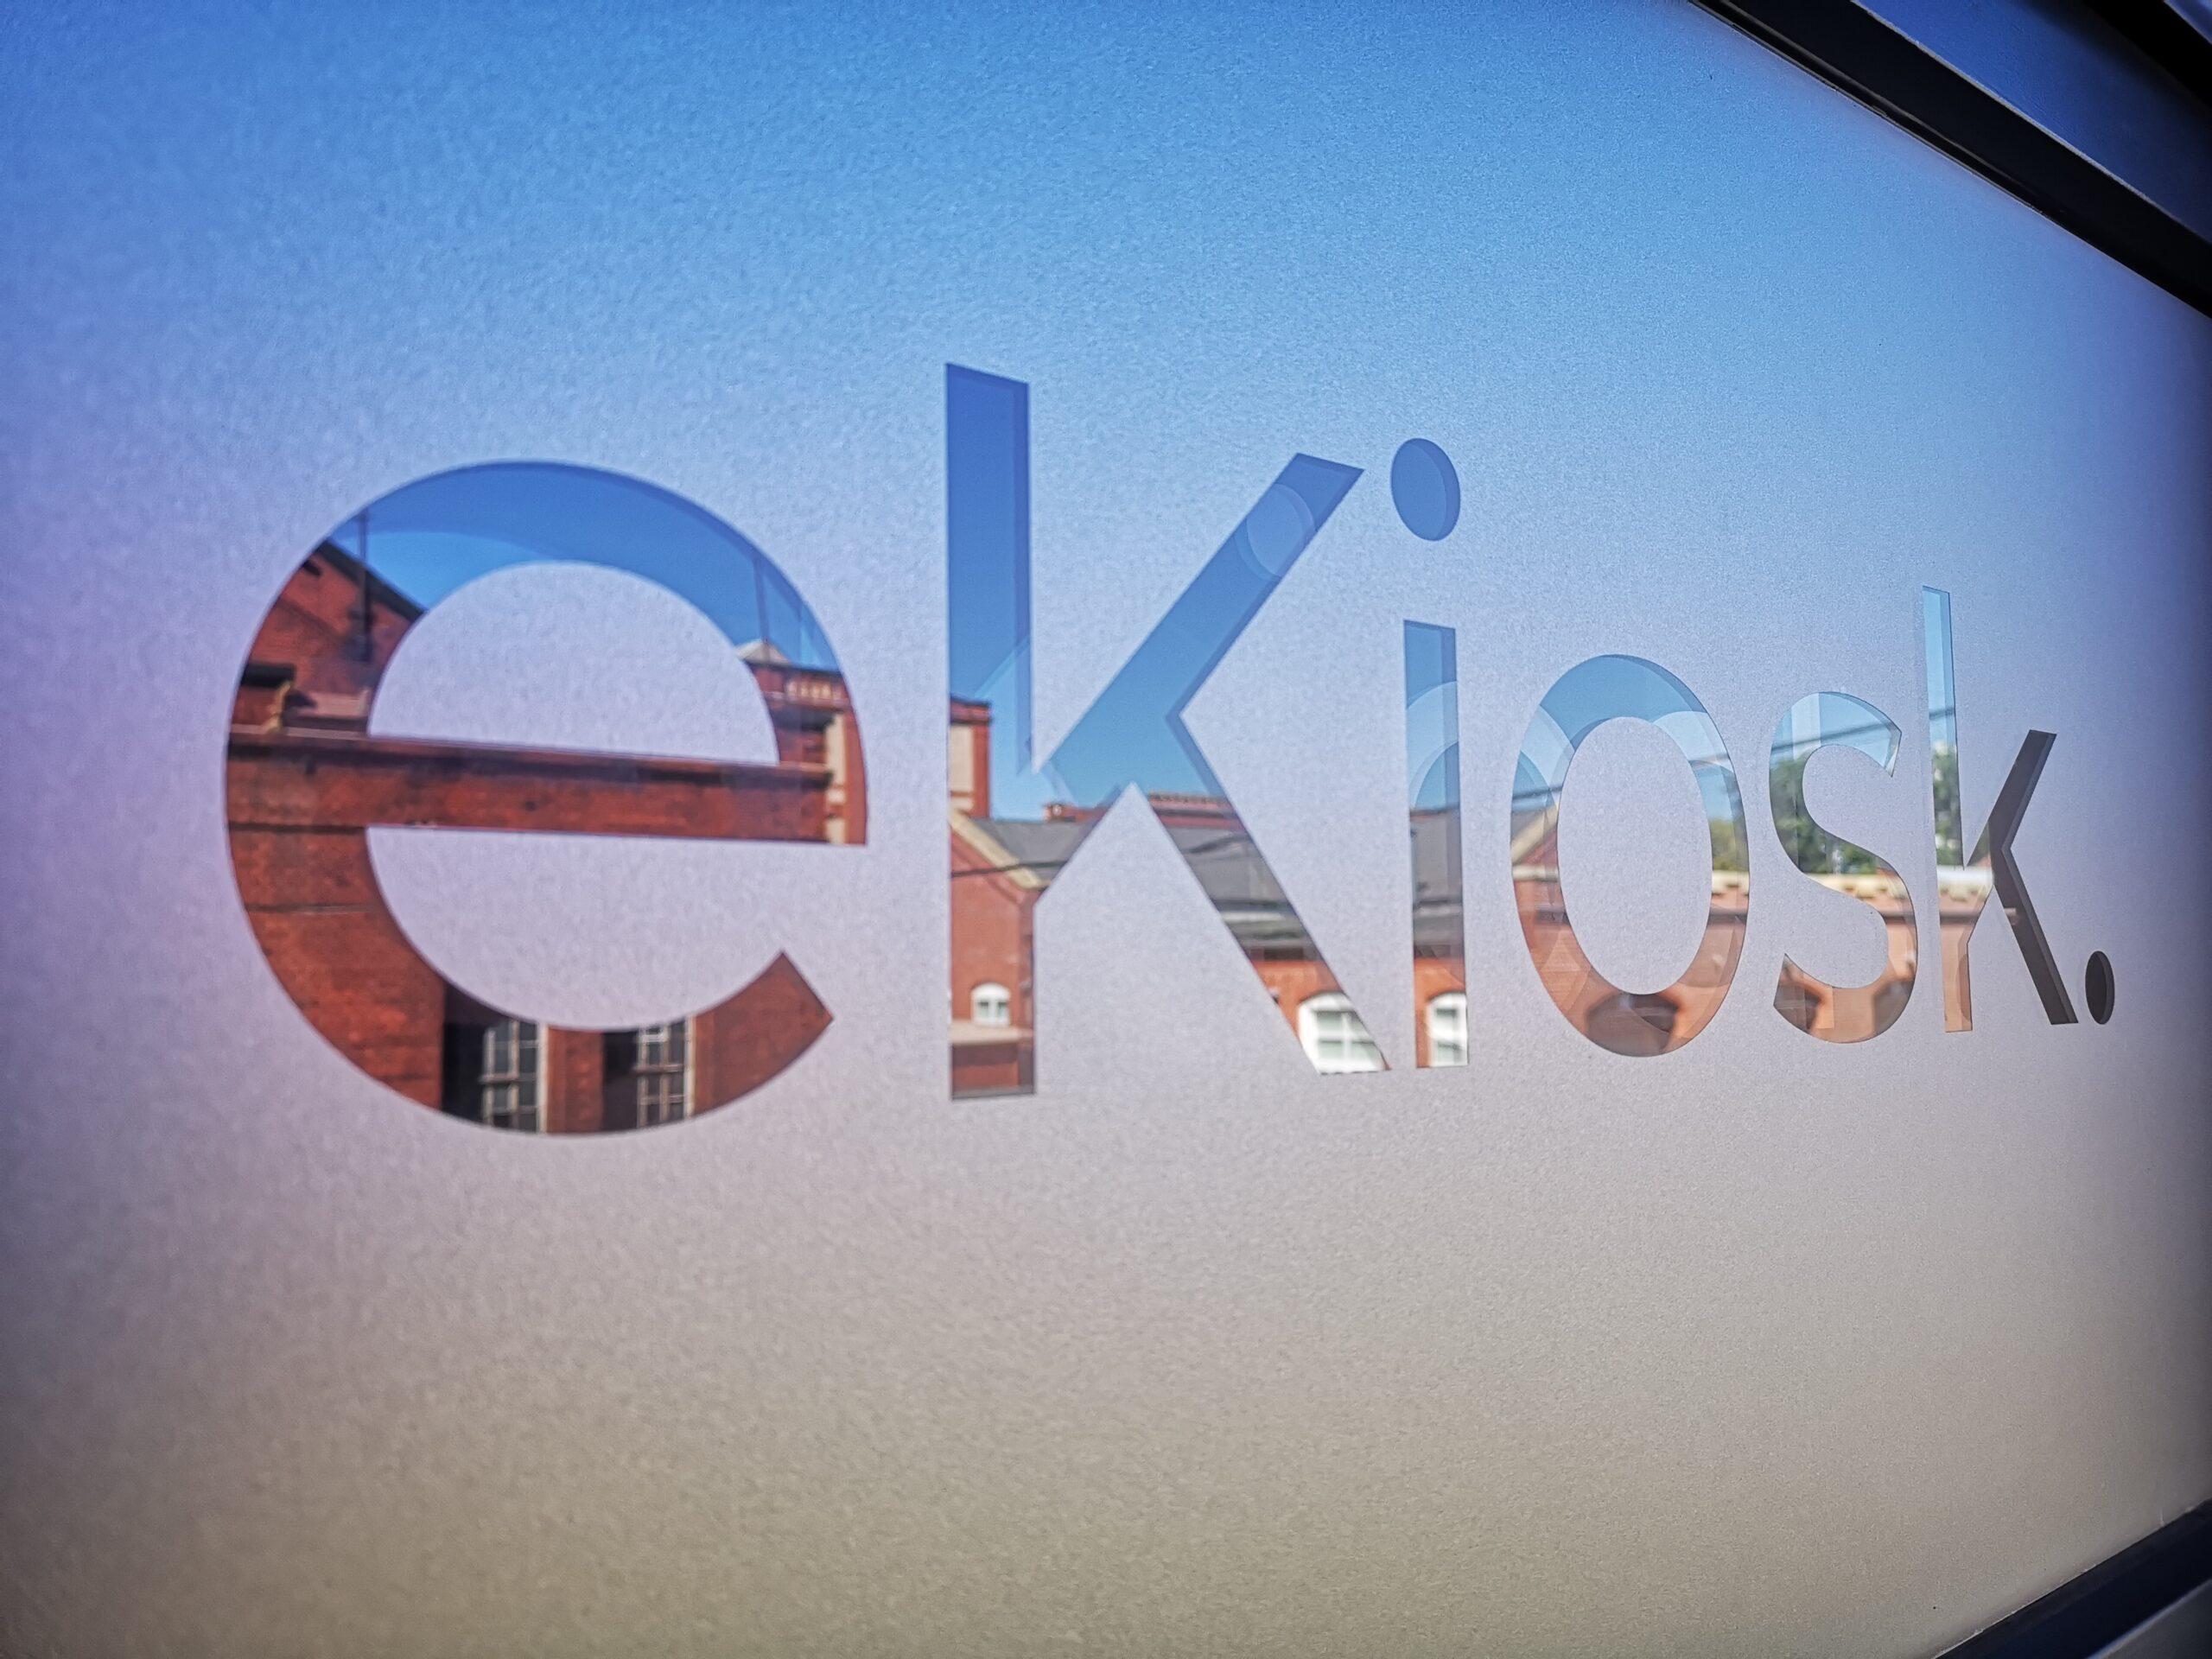 eKiosk Wortmarke auf Fensterscheibe